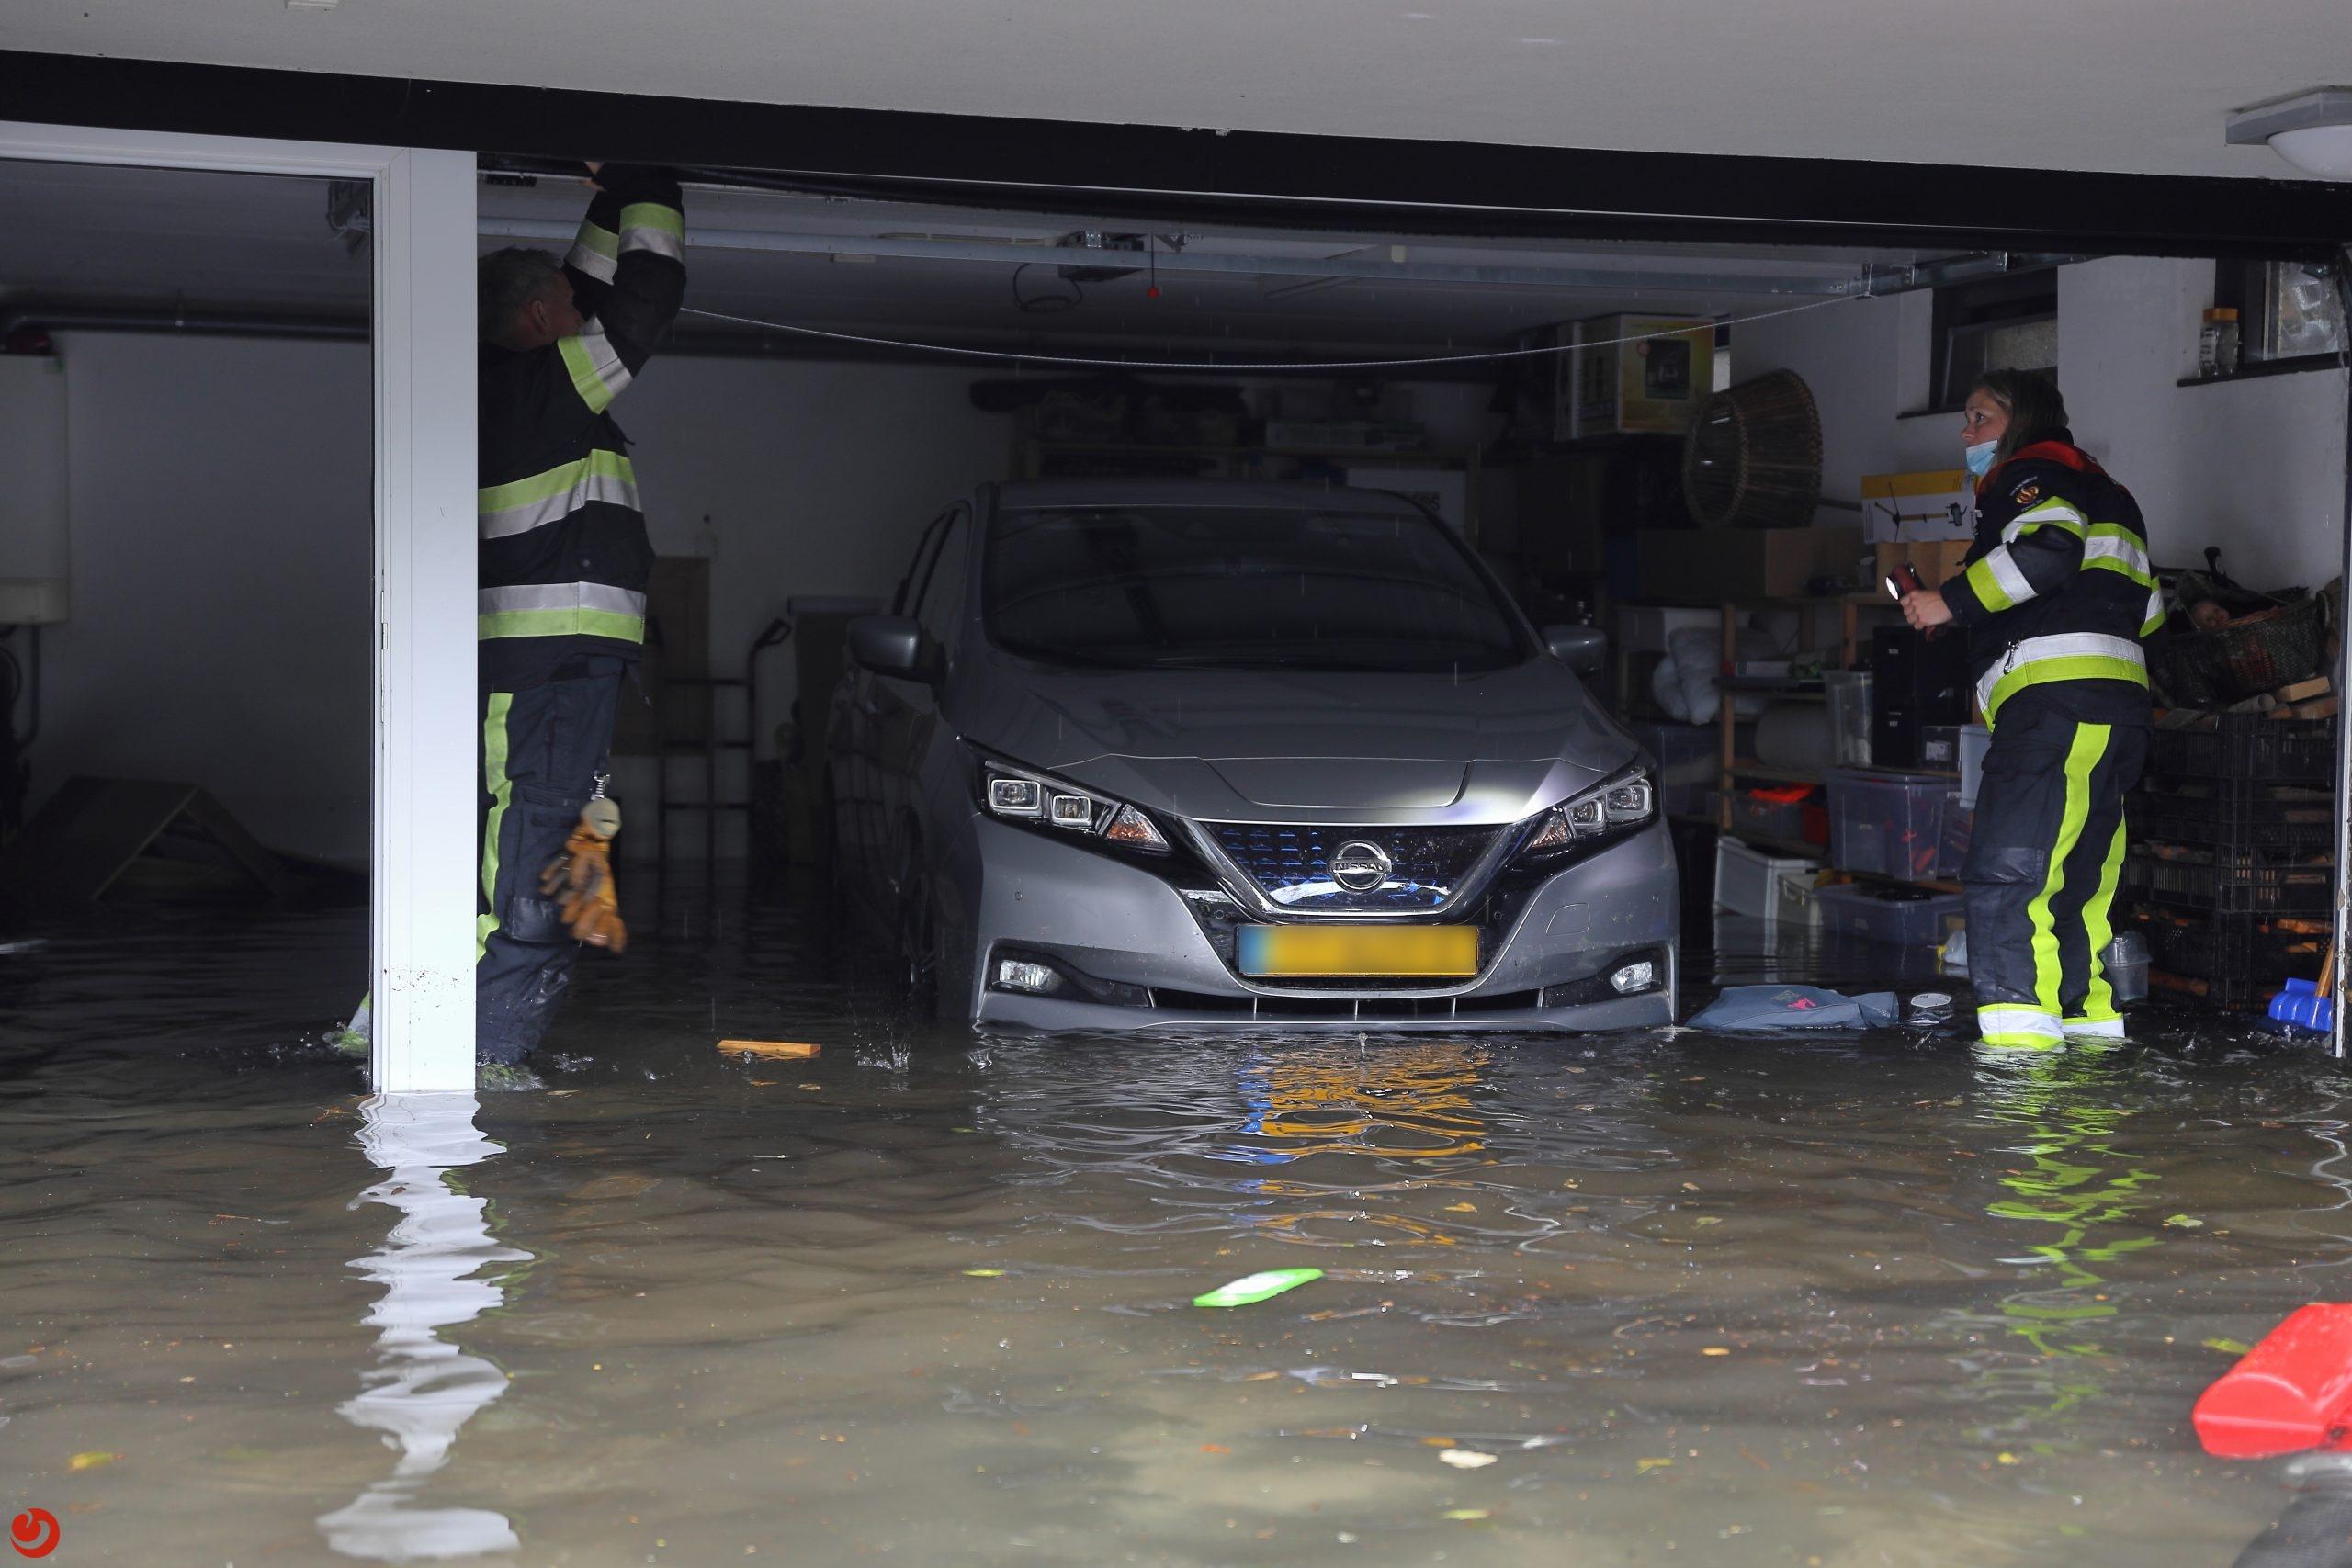 Brandweer druk met wateroverlast na onweer in Fryslân